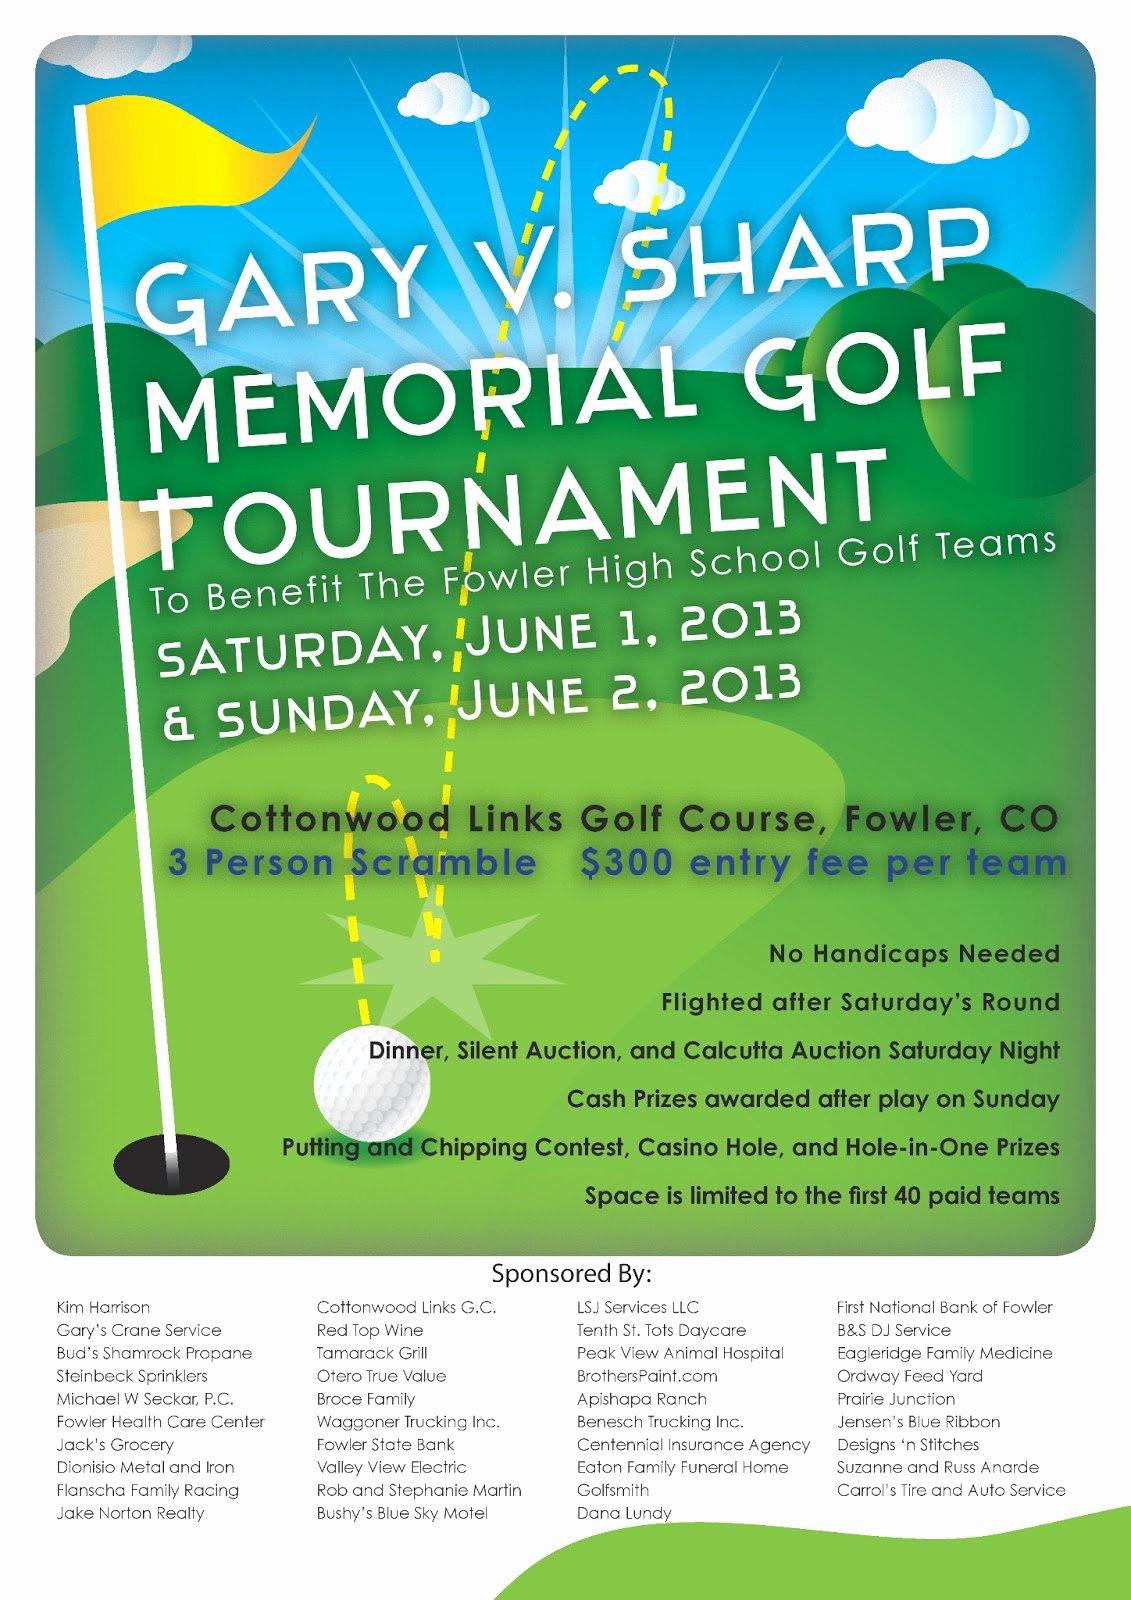 Golf Scramble Flyer Template Fresh Gary V Sharp Memorial Golf tournament tournament Flyer